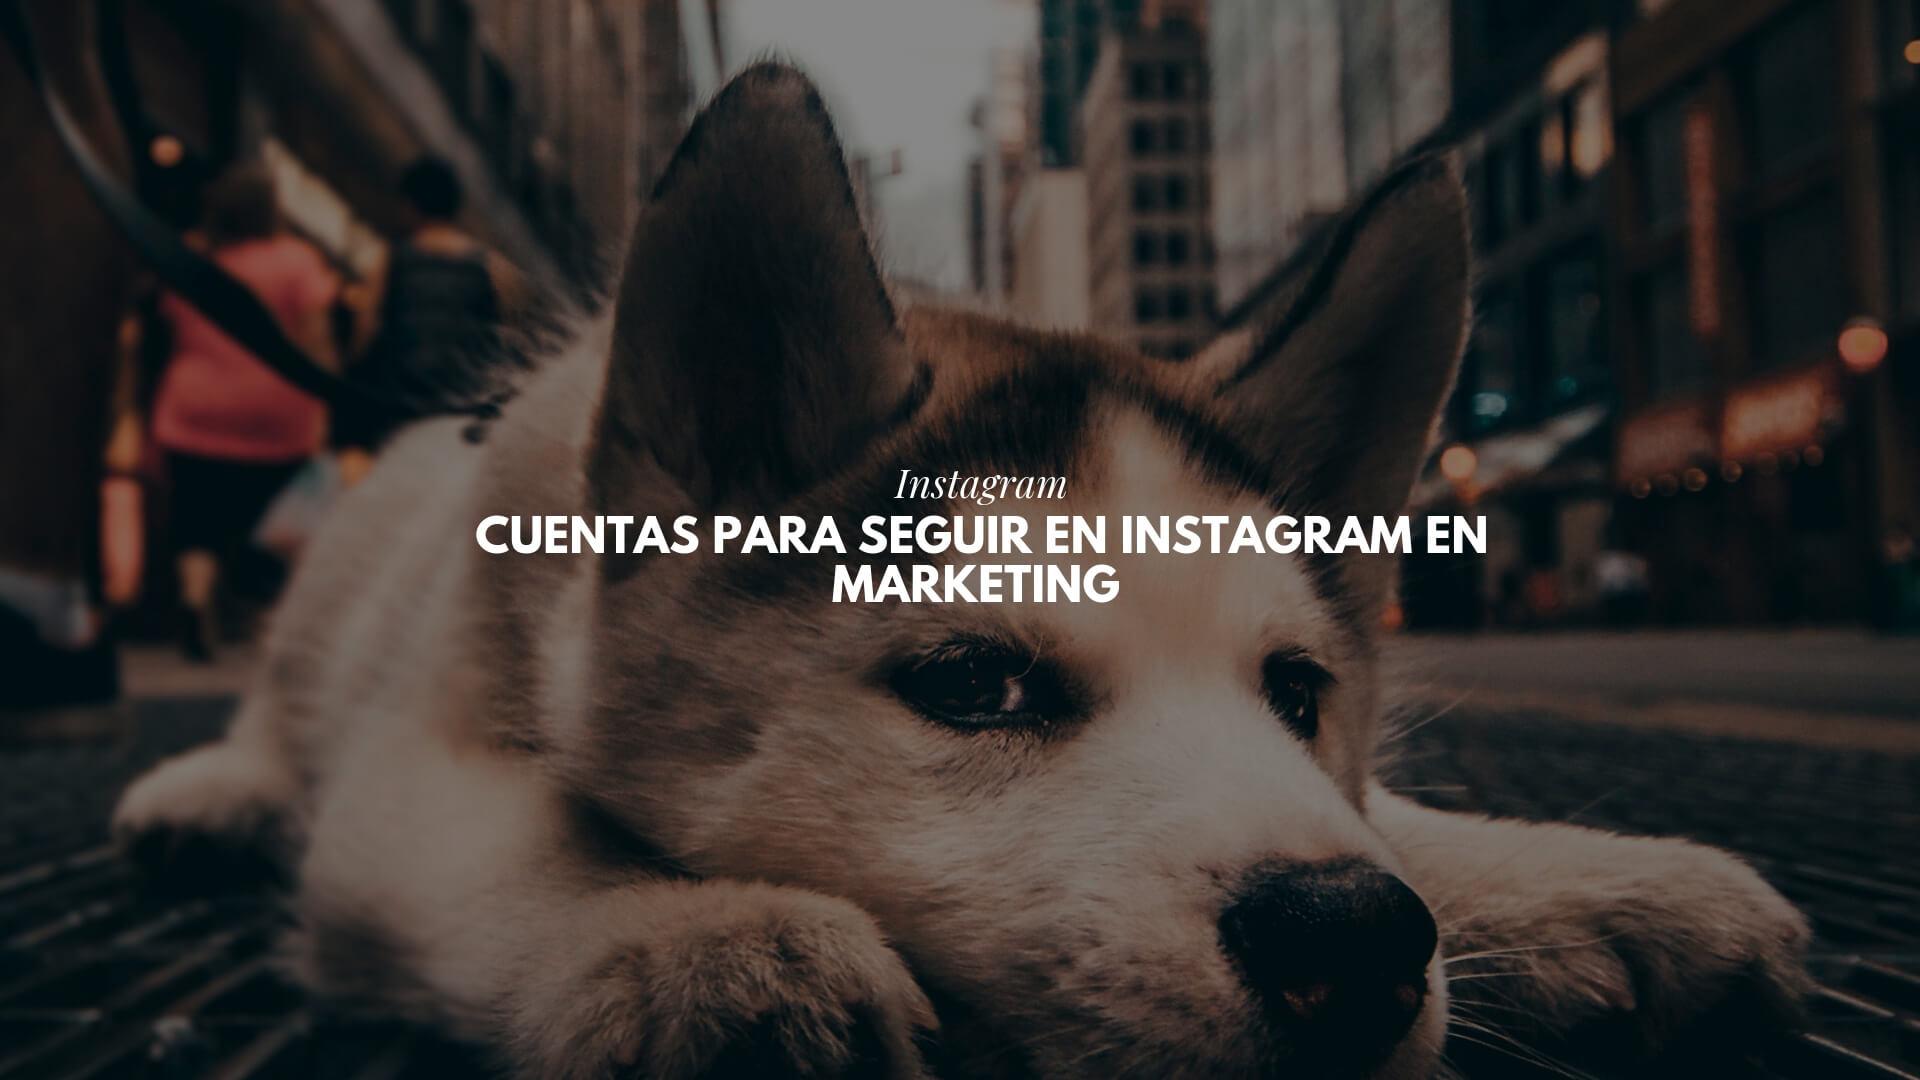 Qué cuentas seguir en instagram en marketing. Mejores cuentas profesionales